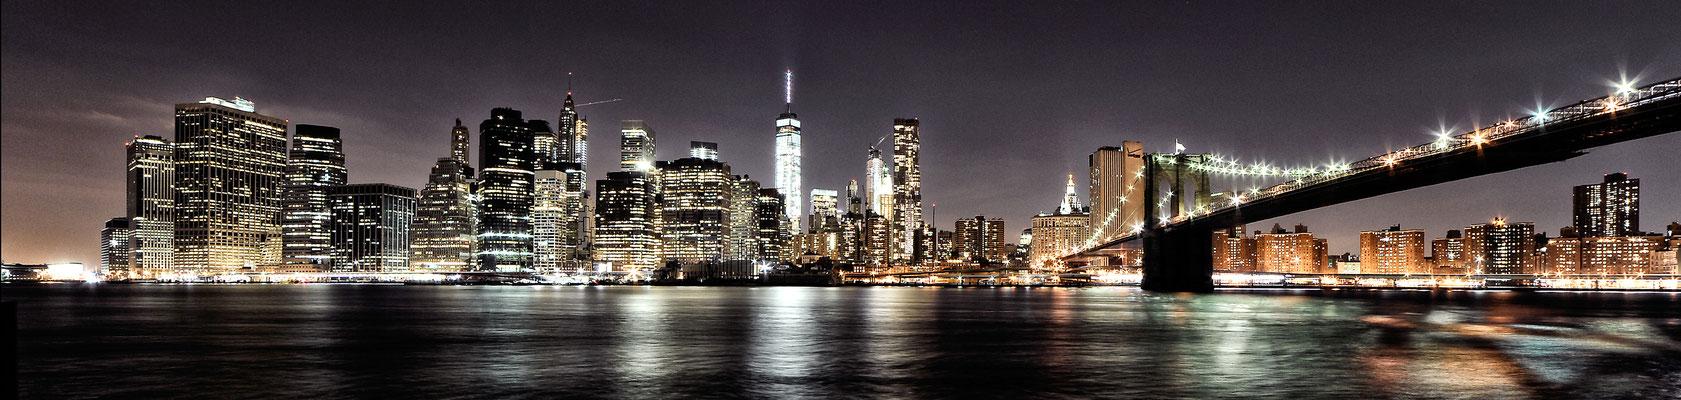 Zicht op de nieuwe WTC toren in Manhattan - New York